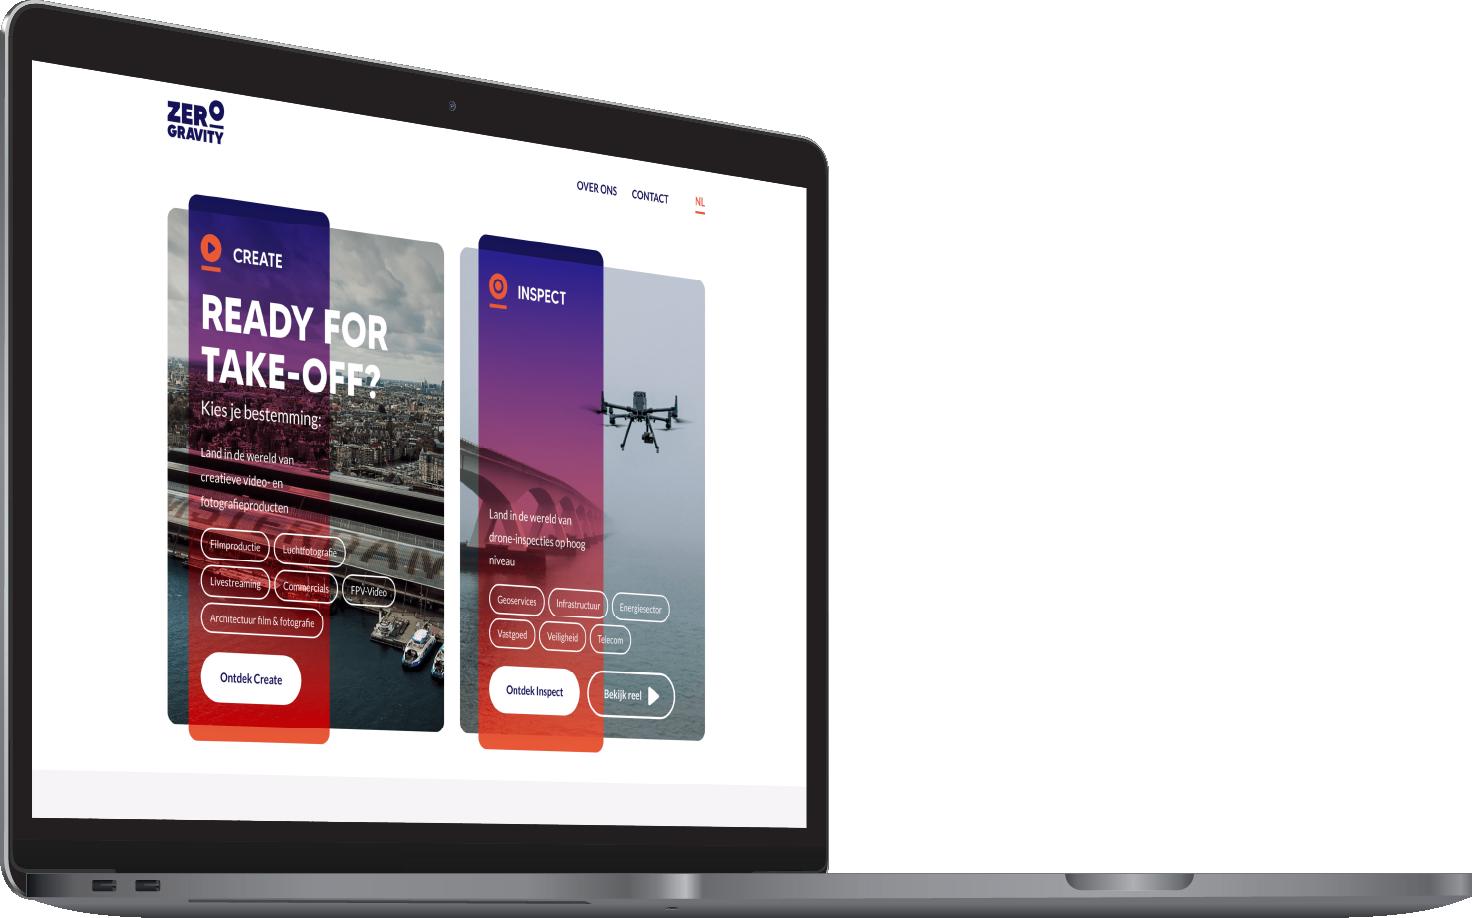 Maatwerk Webdevelopment voor Zero Gravity macbook